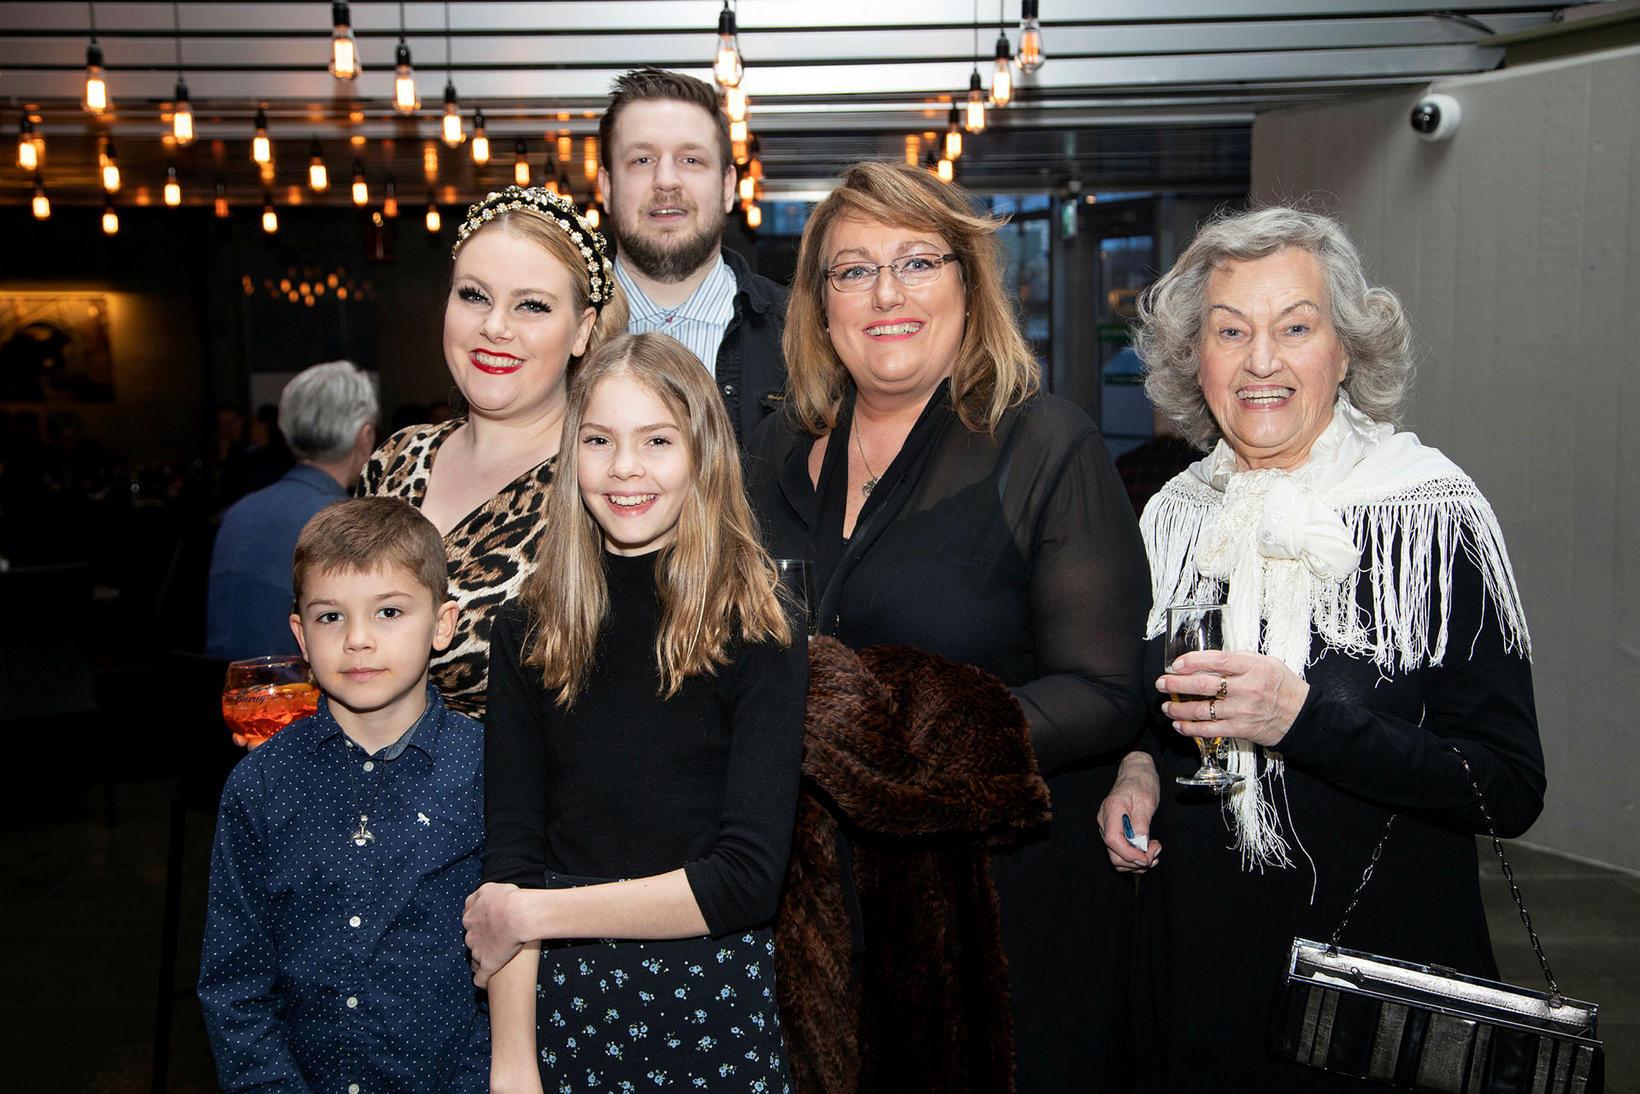 Margrét Erla Maack, Tómas Steindórsson, Ragnheiður Ólafsdóttir, Margrét Guðmundsdóttir, Egill …